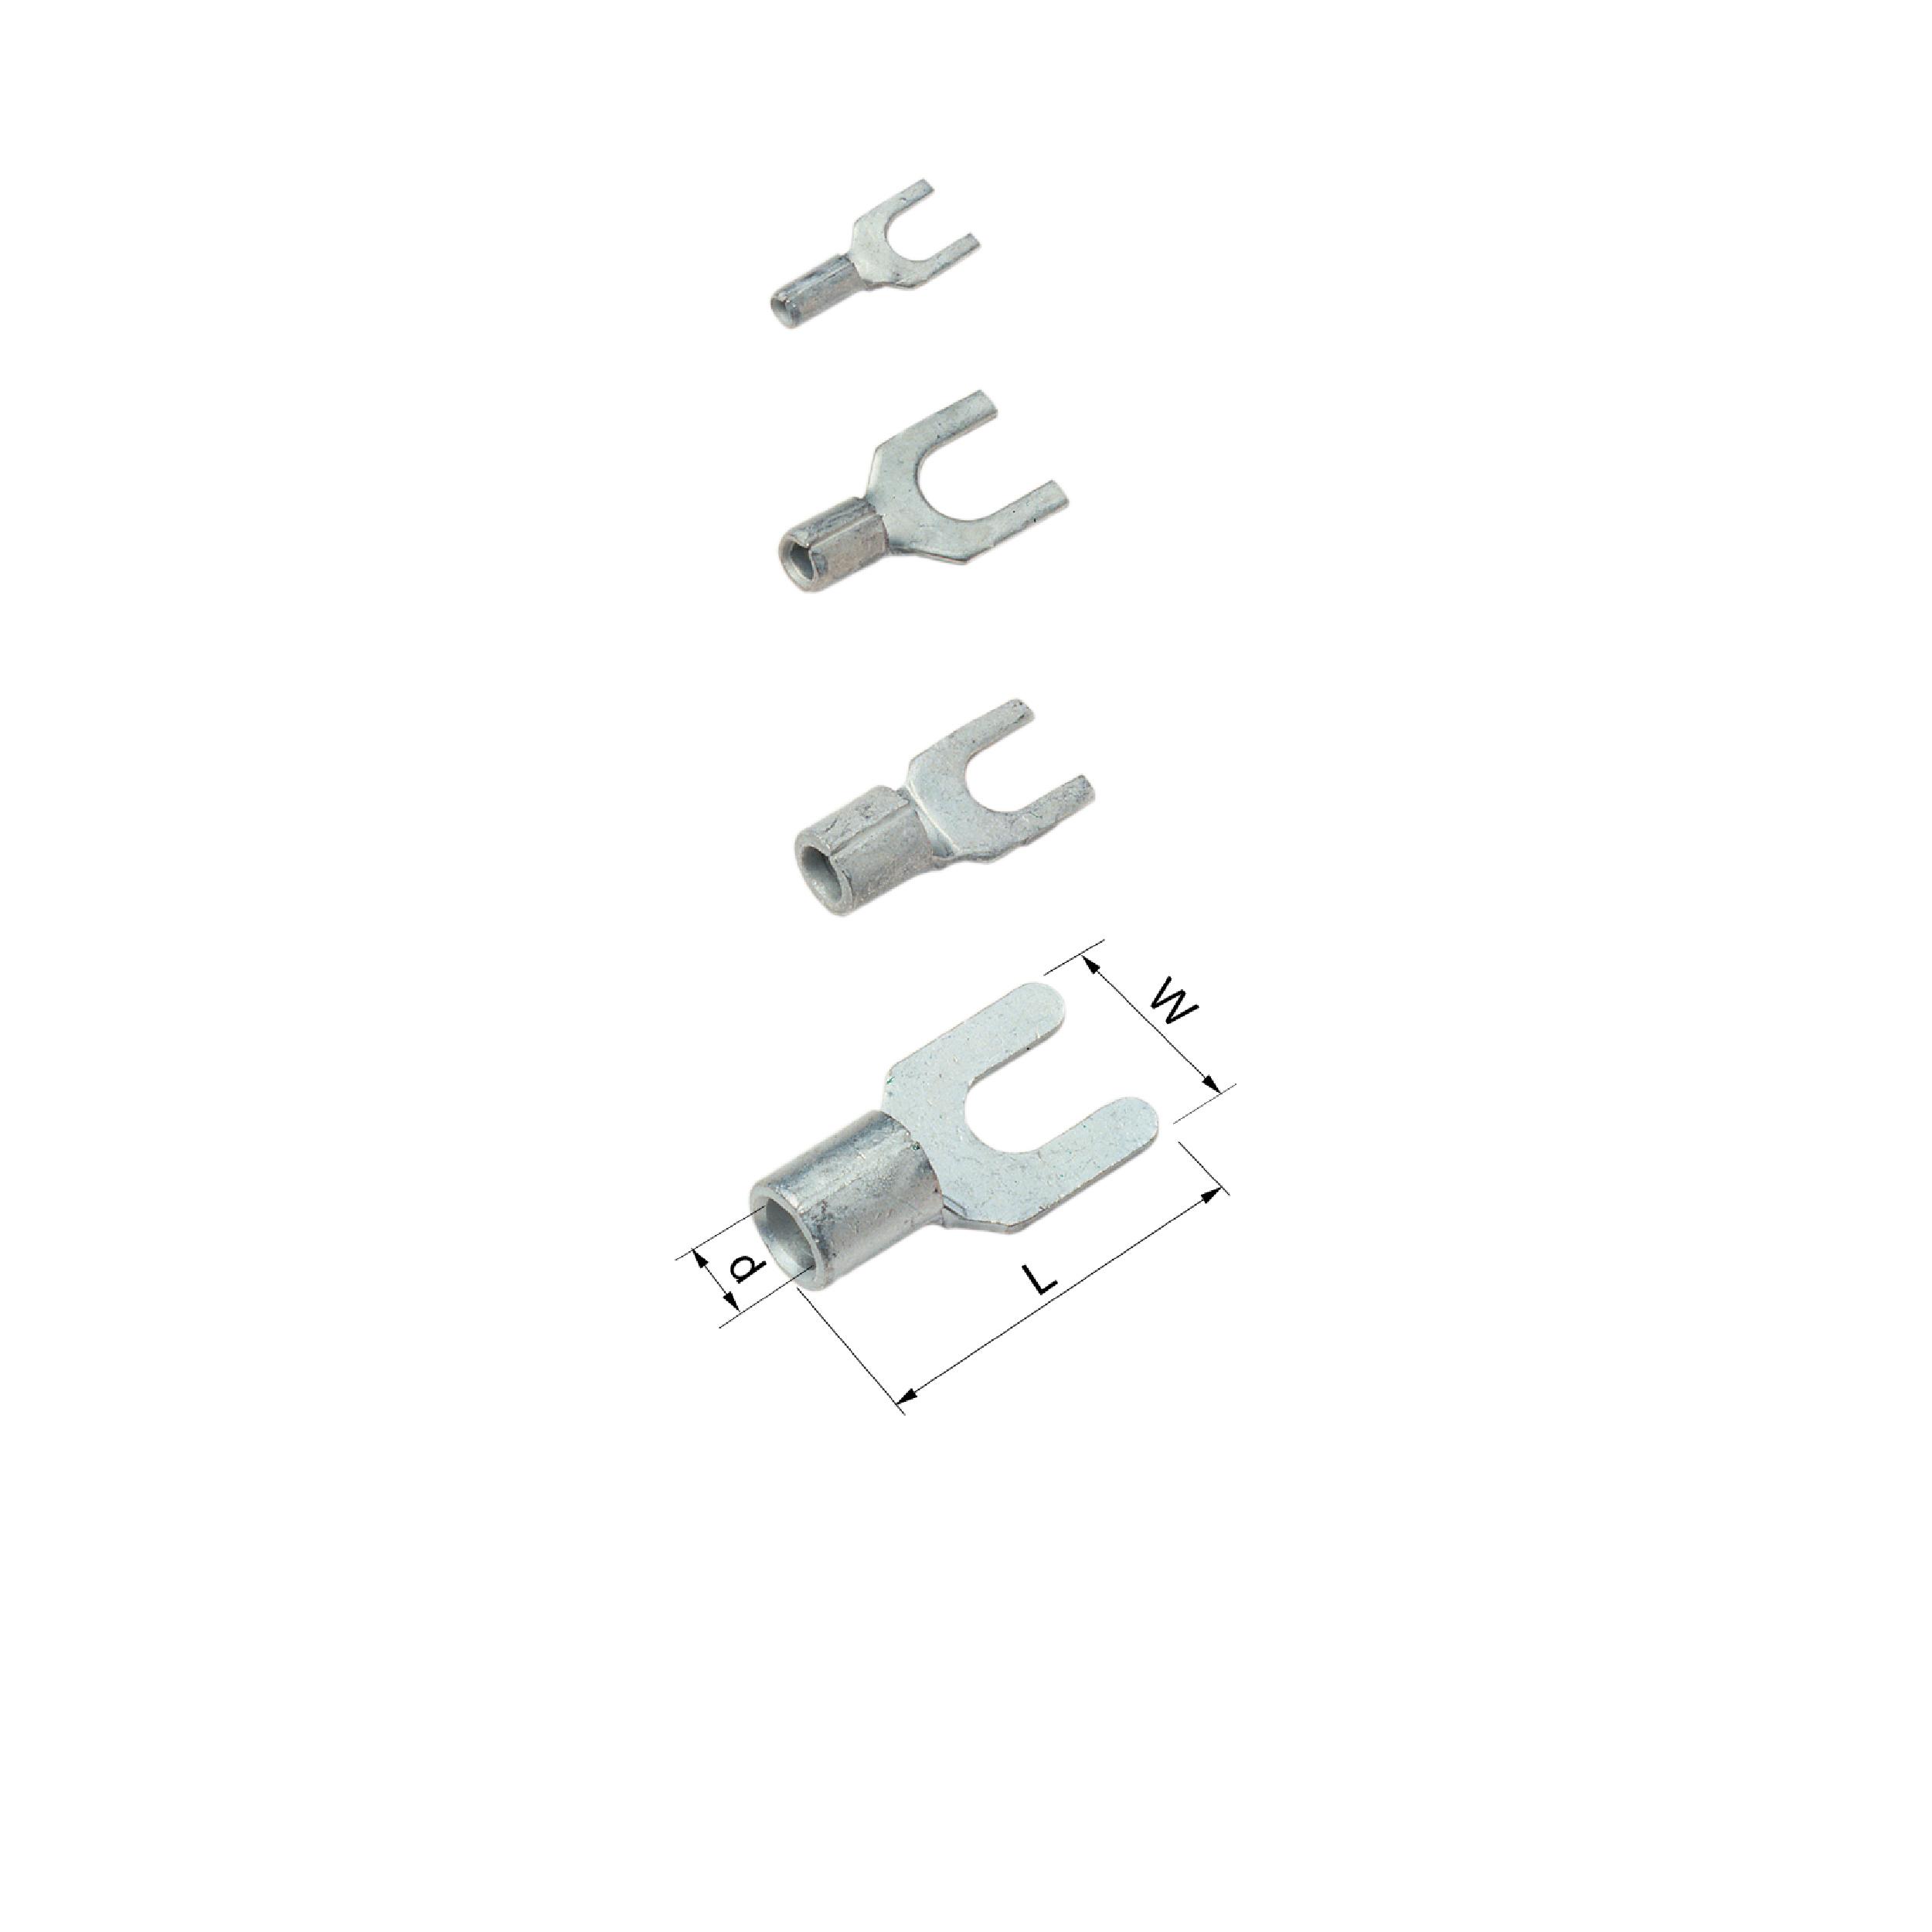 Elpress Un-Insulated Fork Terminals 0.25-10mm² B0832G, B0843G, B2543G, B9953G